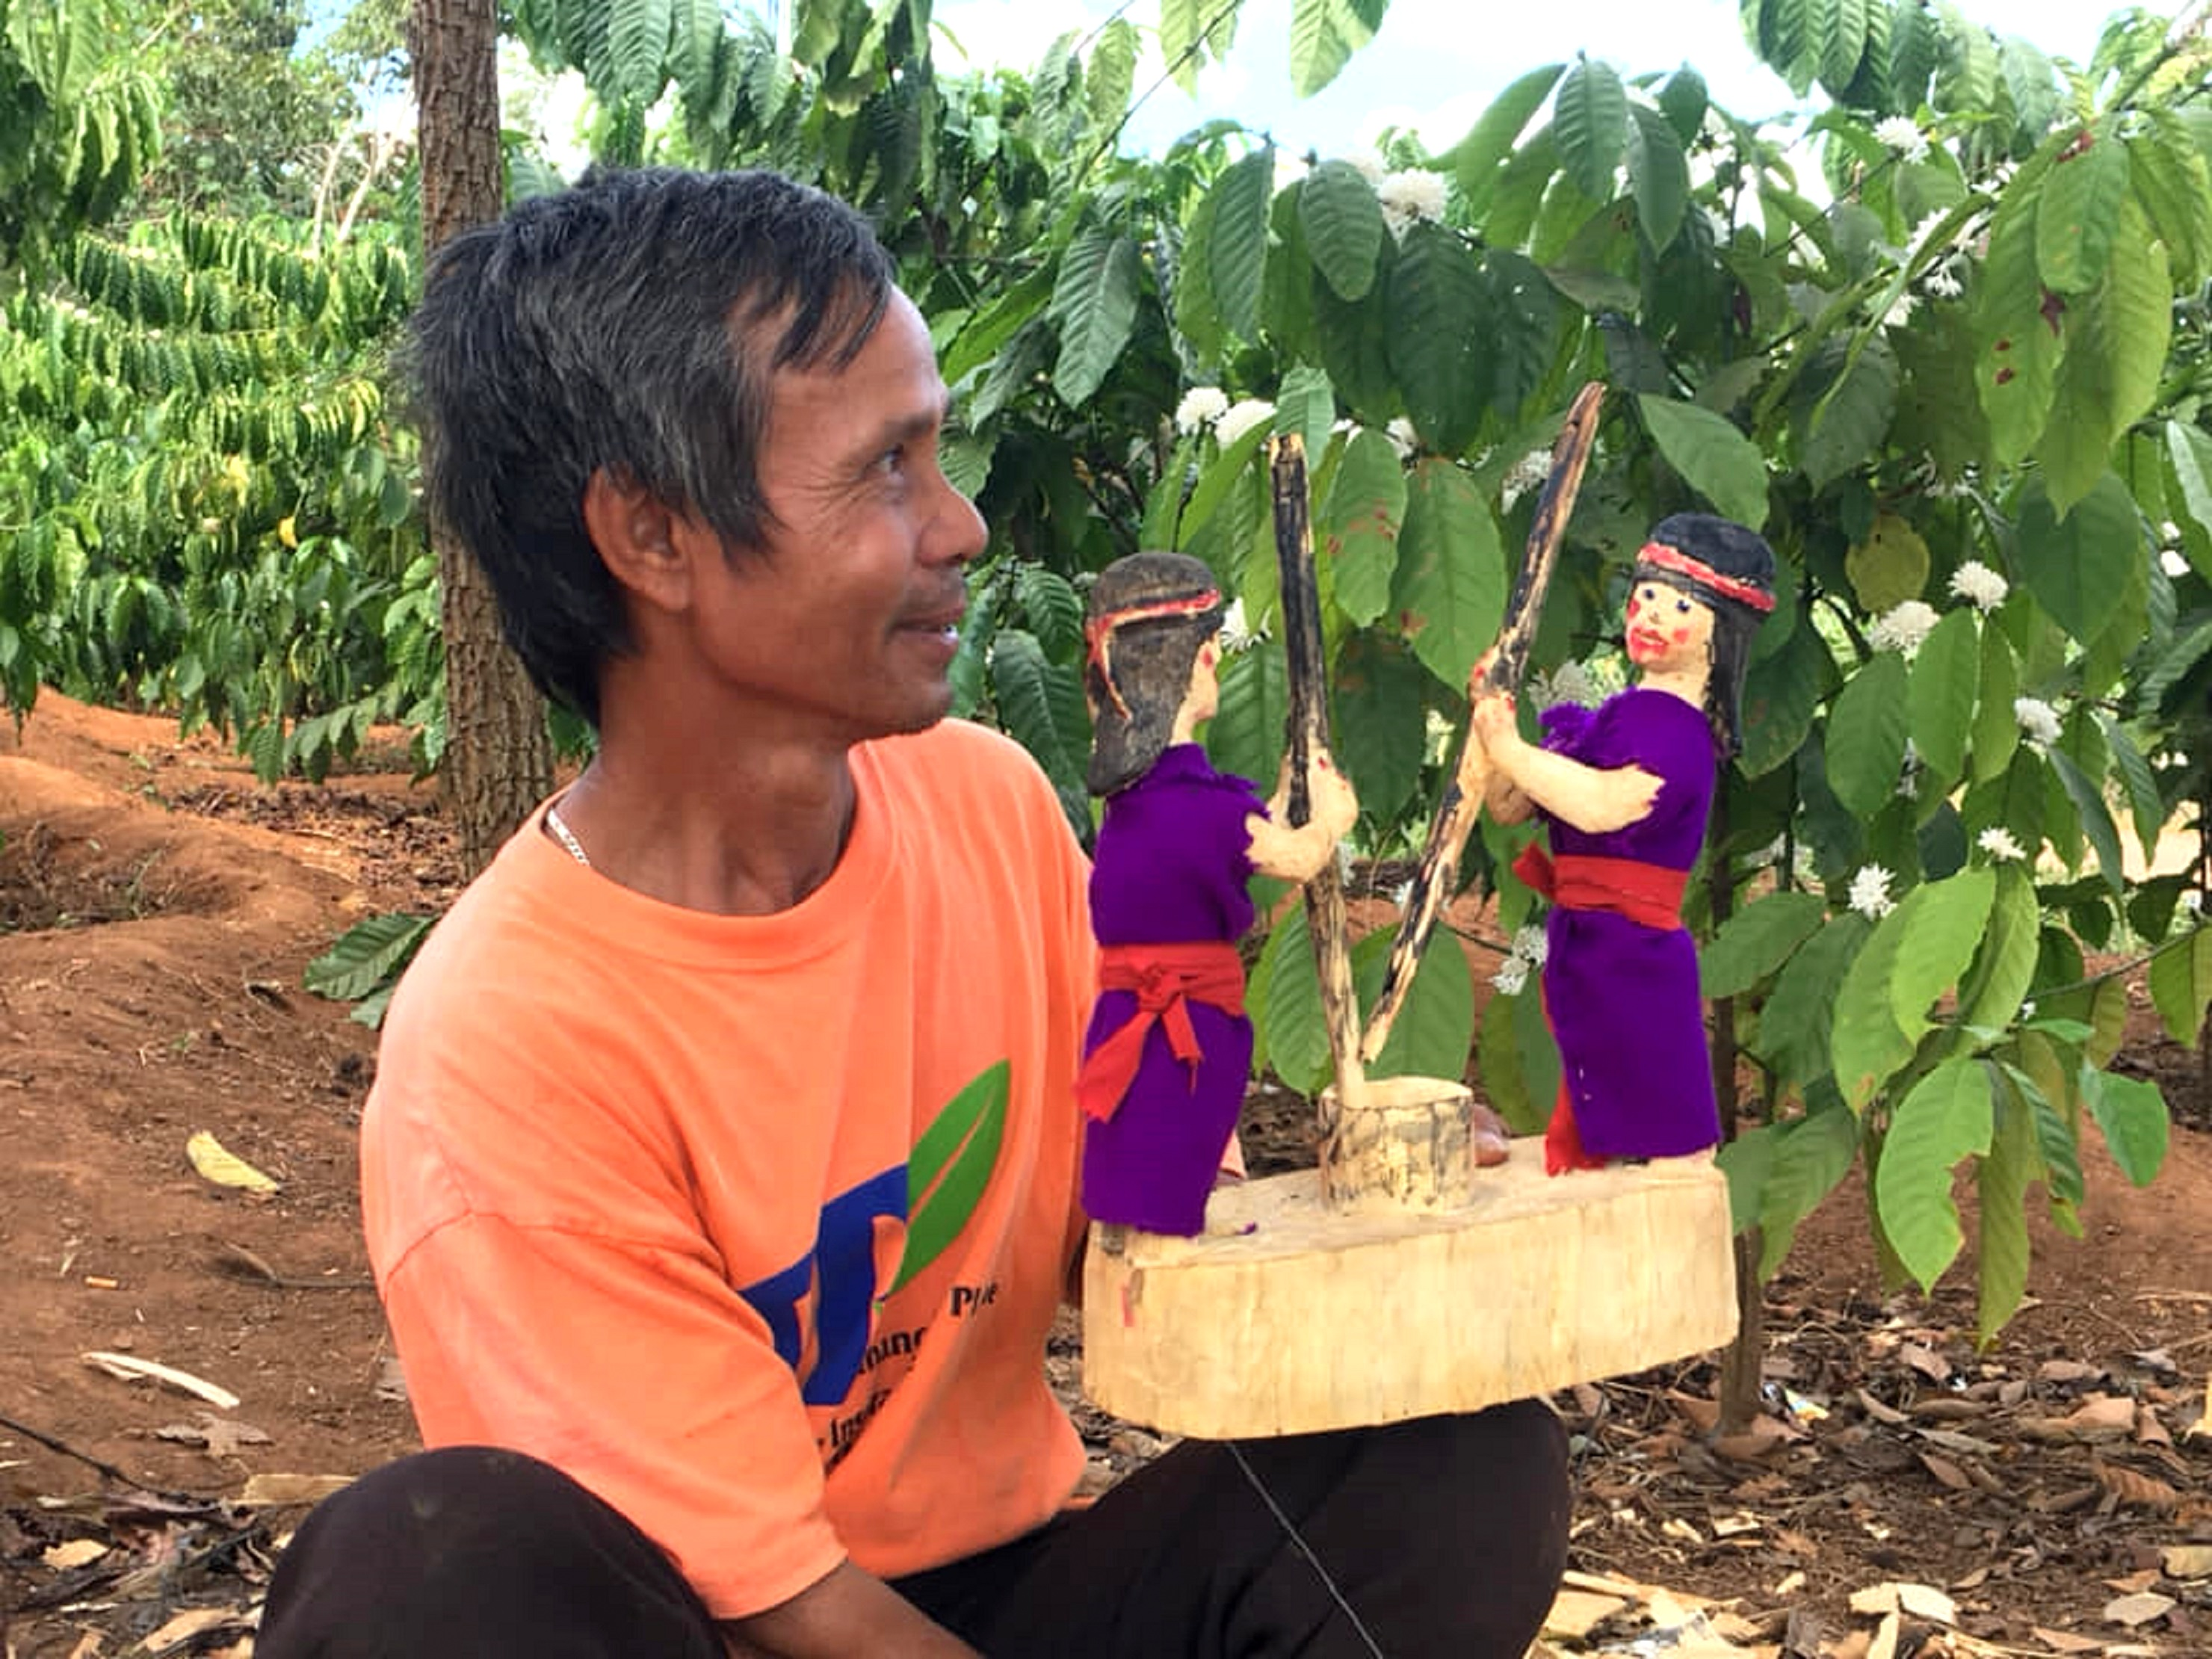 Nghệ nhân A Yưk hoàn thiện những công đoạn cuối và biểu diễn thử một cặp rối gỗ.